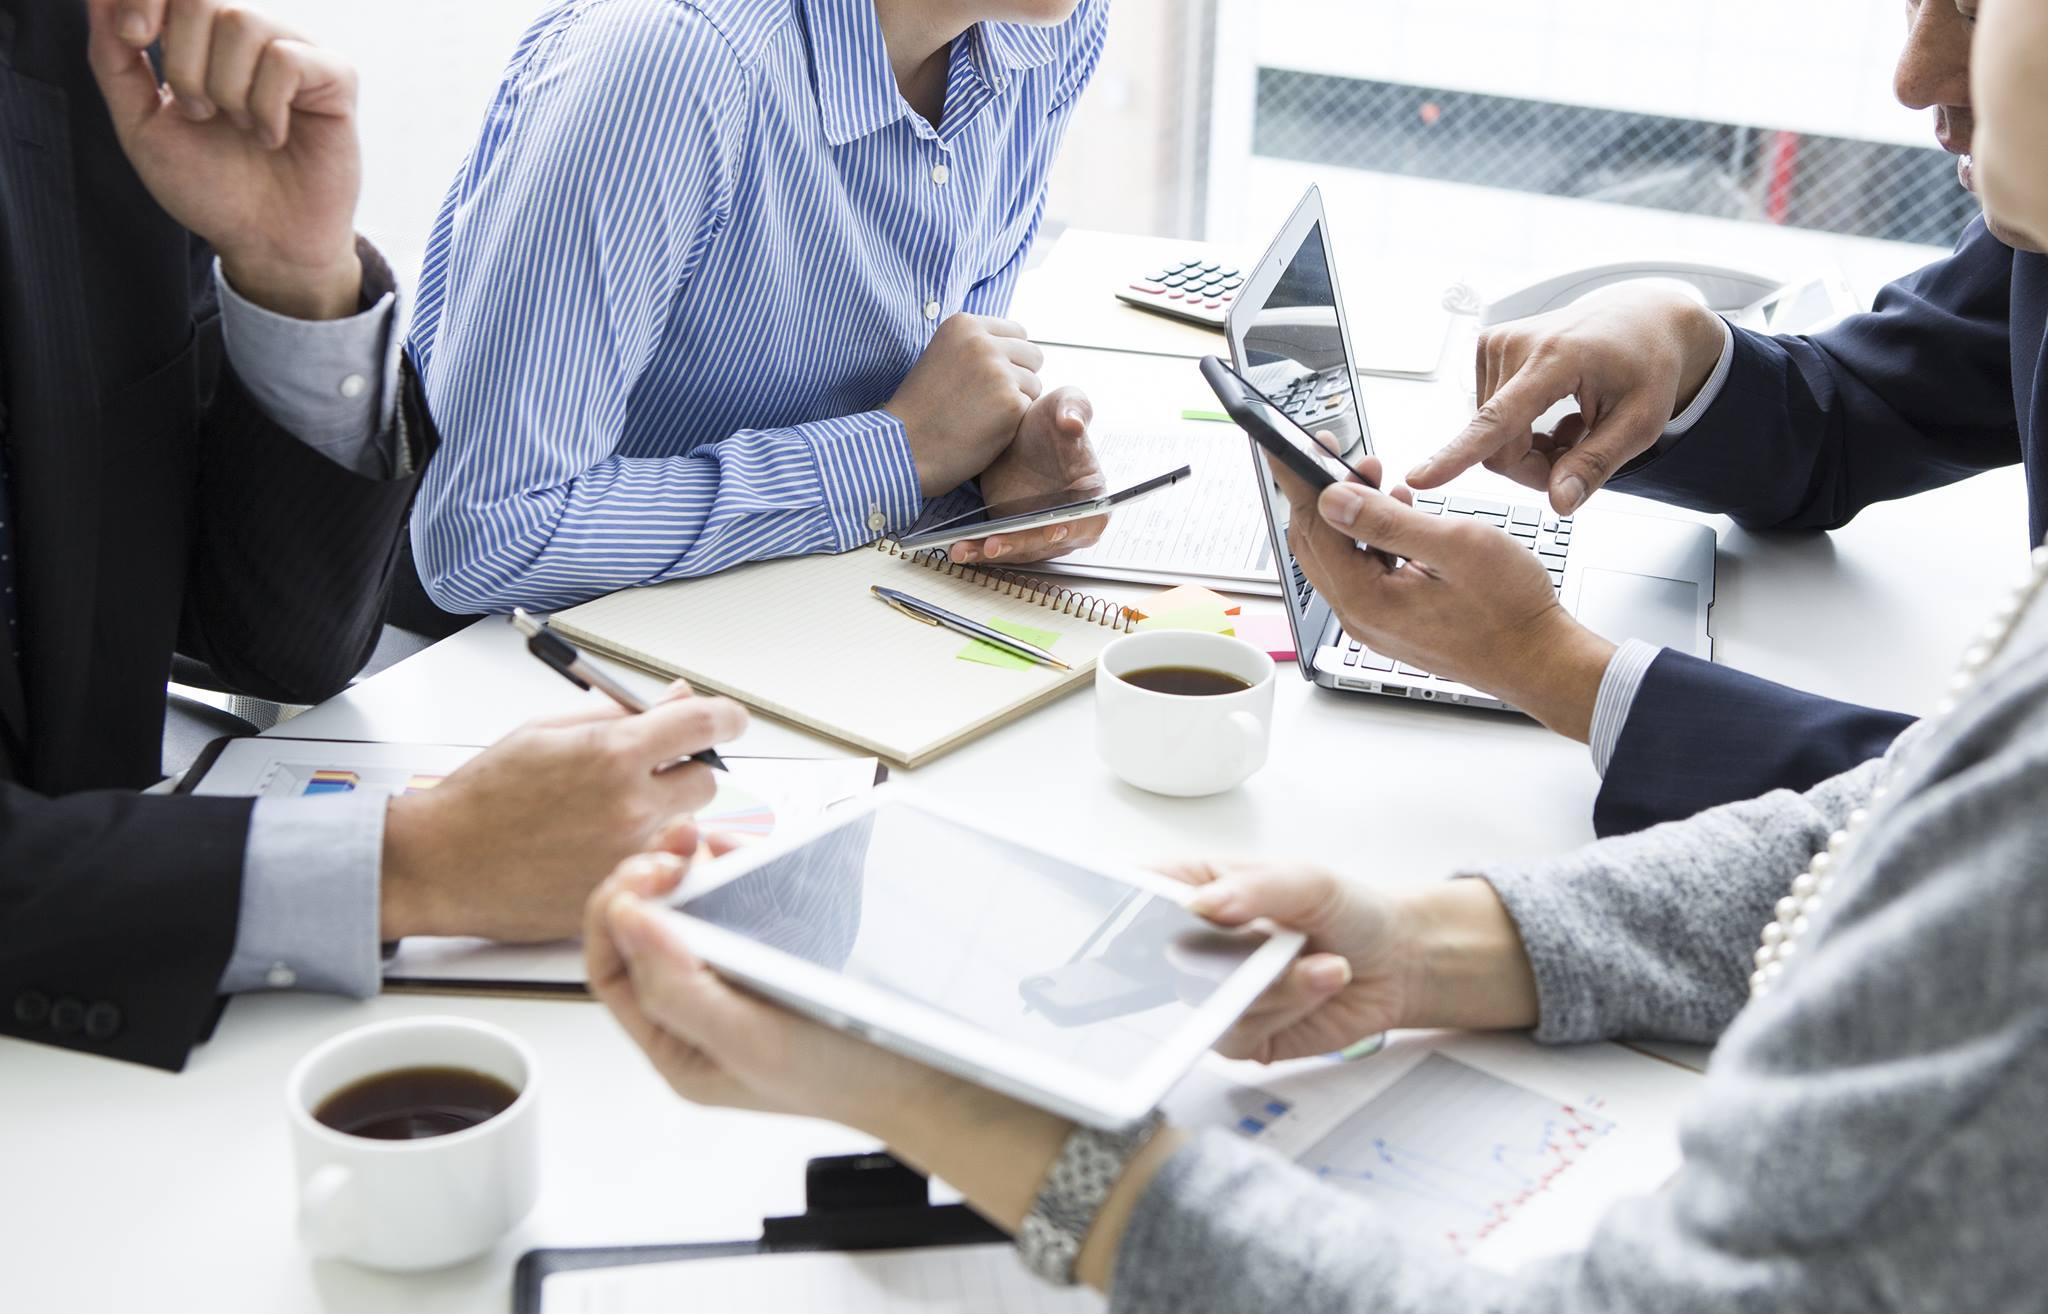 ビジネスコミュニケーションとは、つまり、あなたの印象を変えるビジネスツール